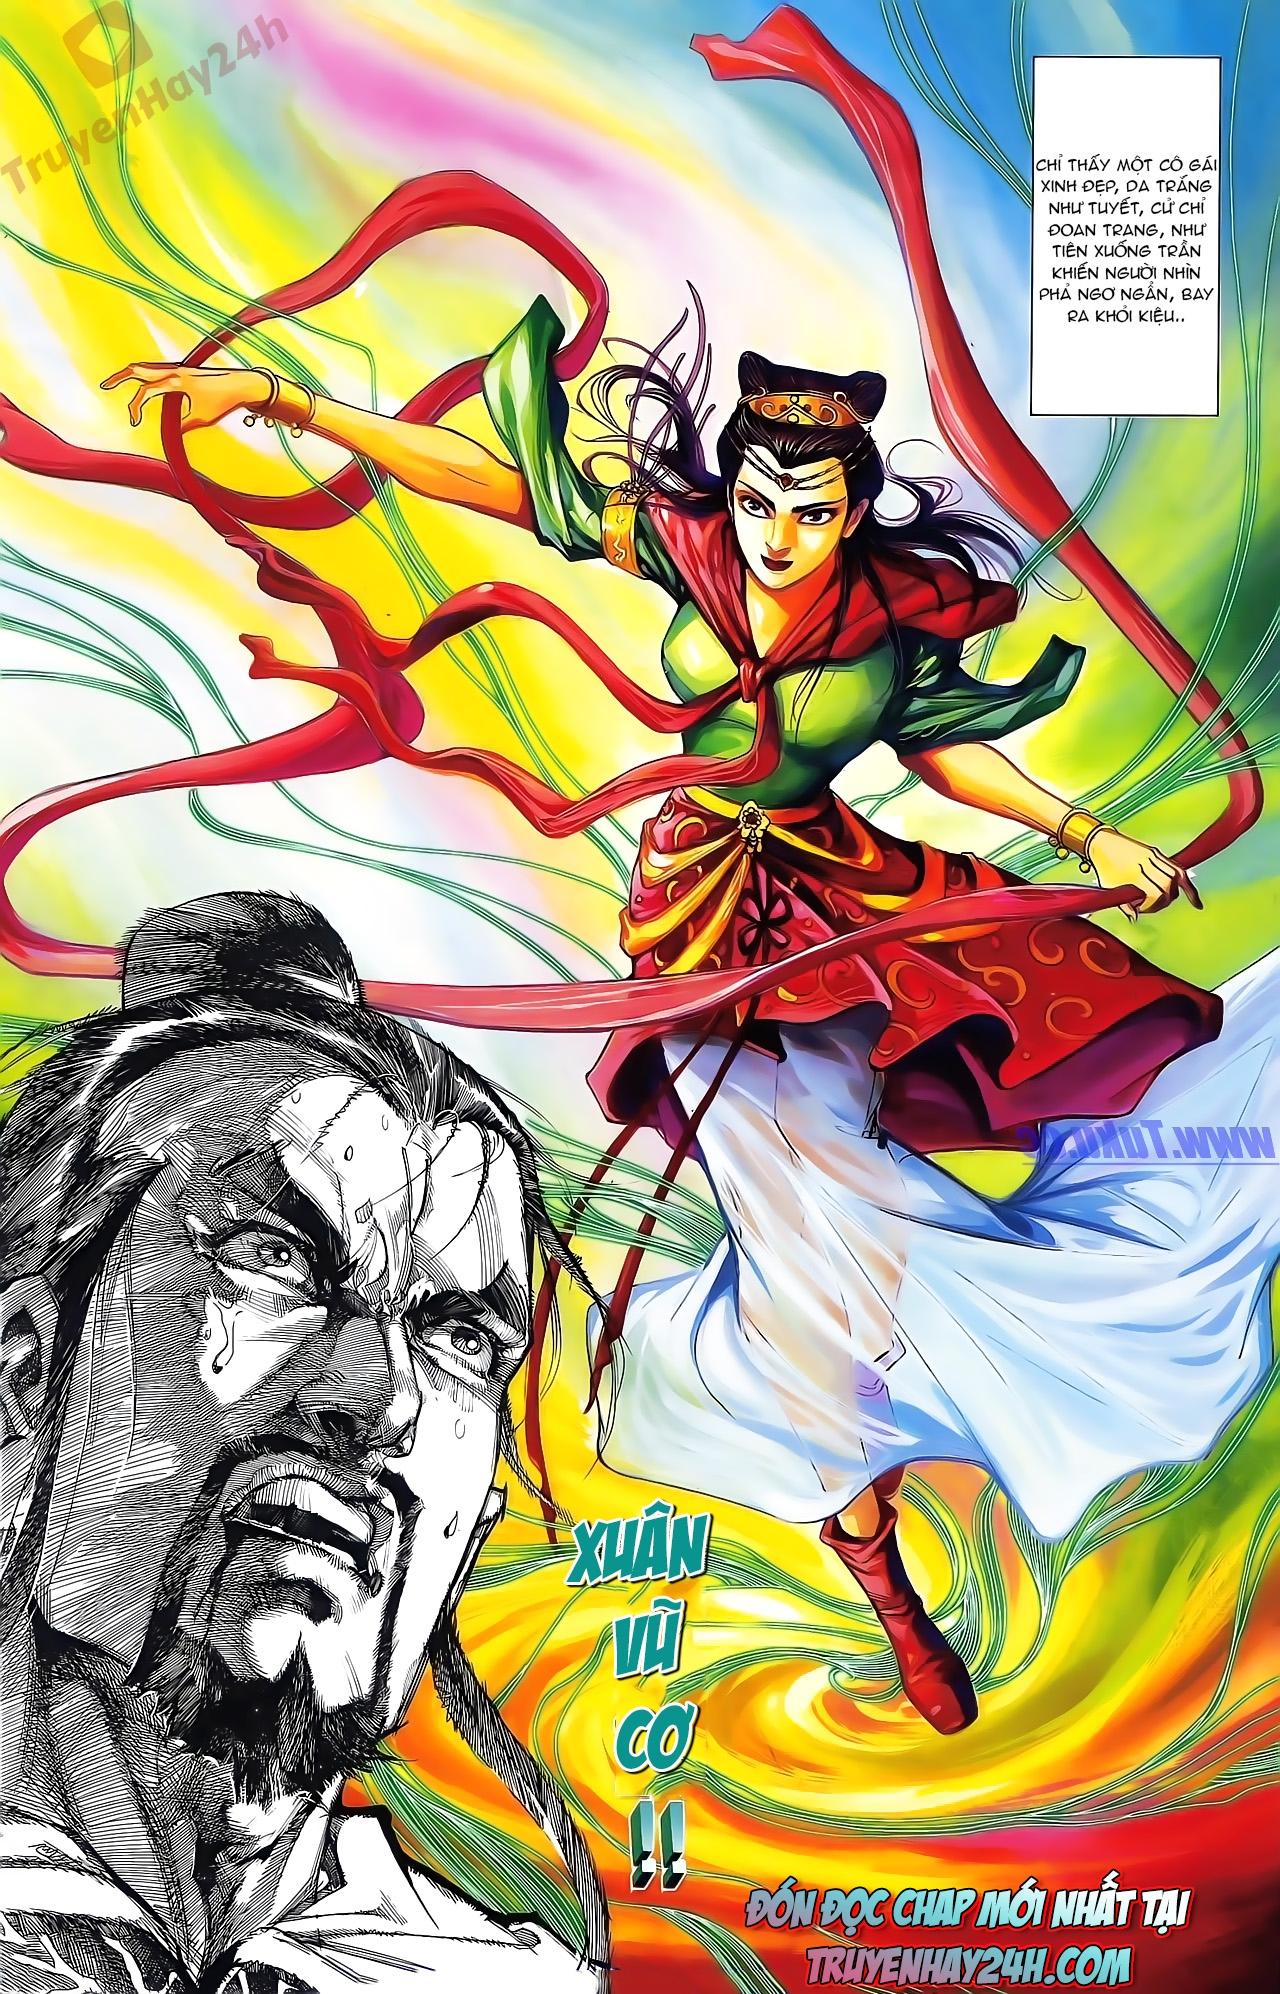 Tần Vương Doanh Chính chapter 45 trang 31